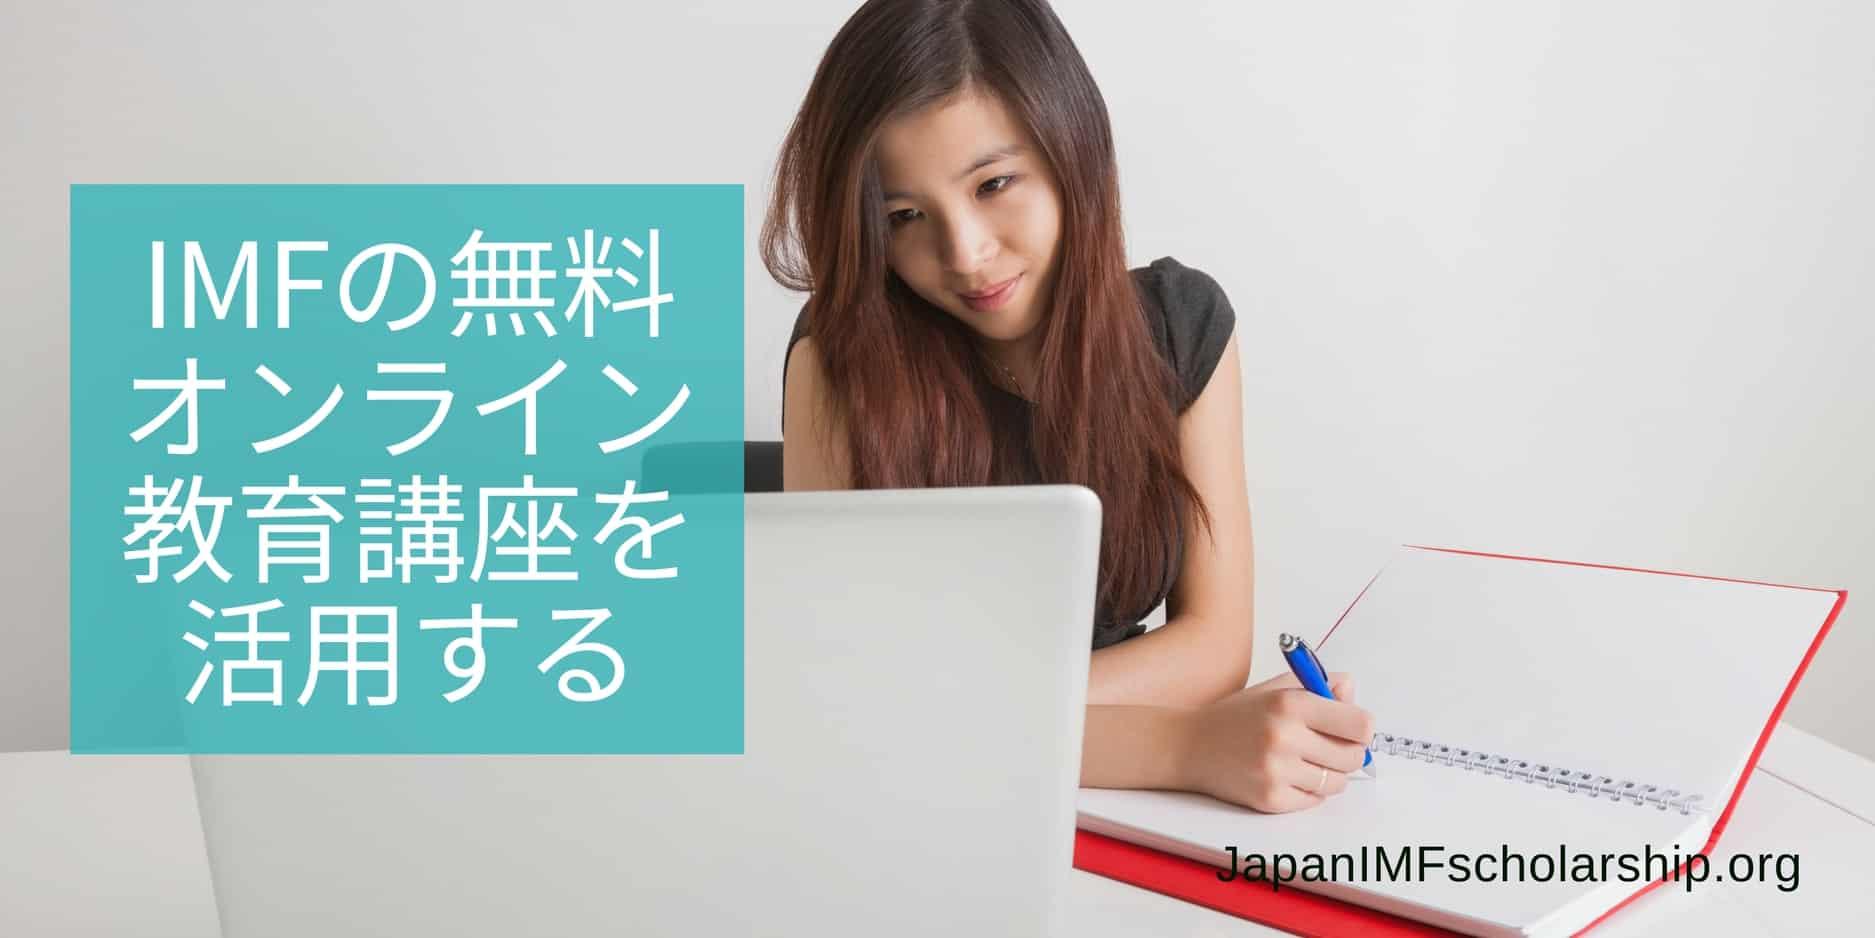 jisp imf free online education edx by moocs